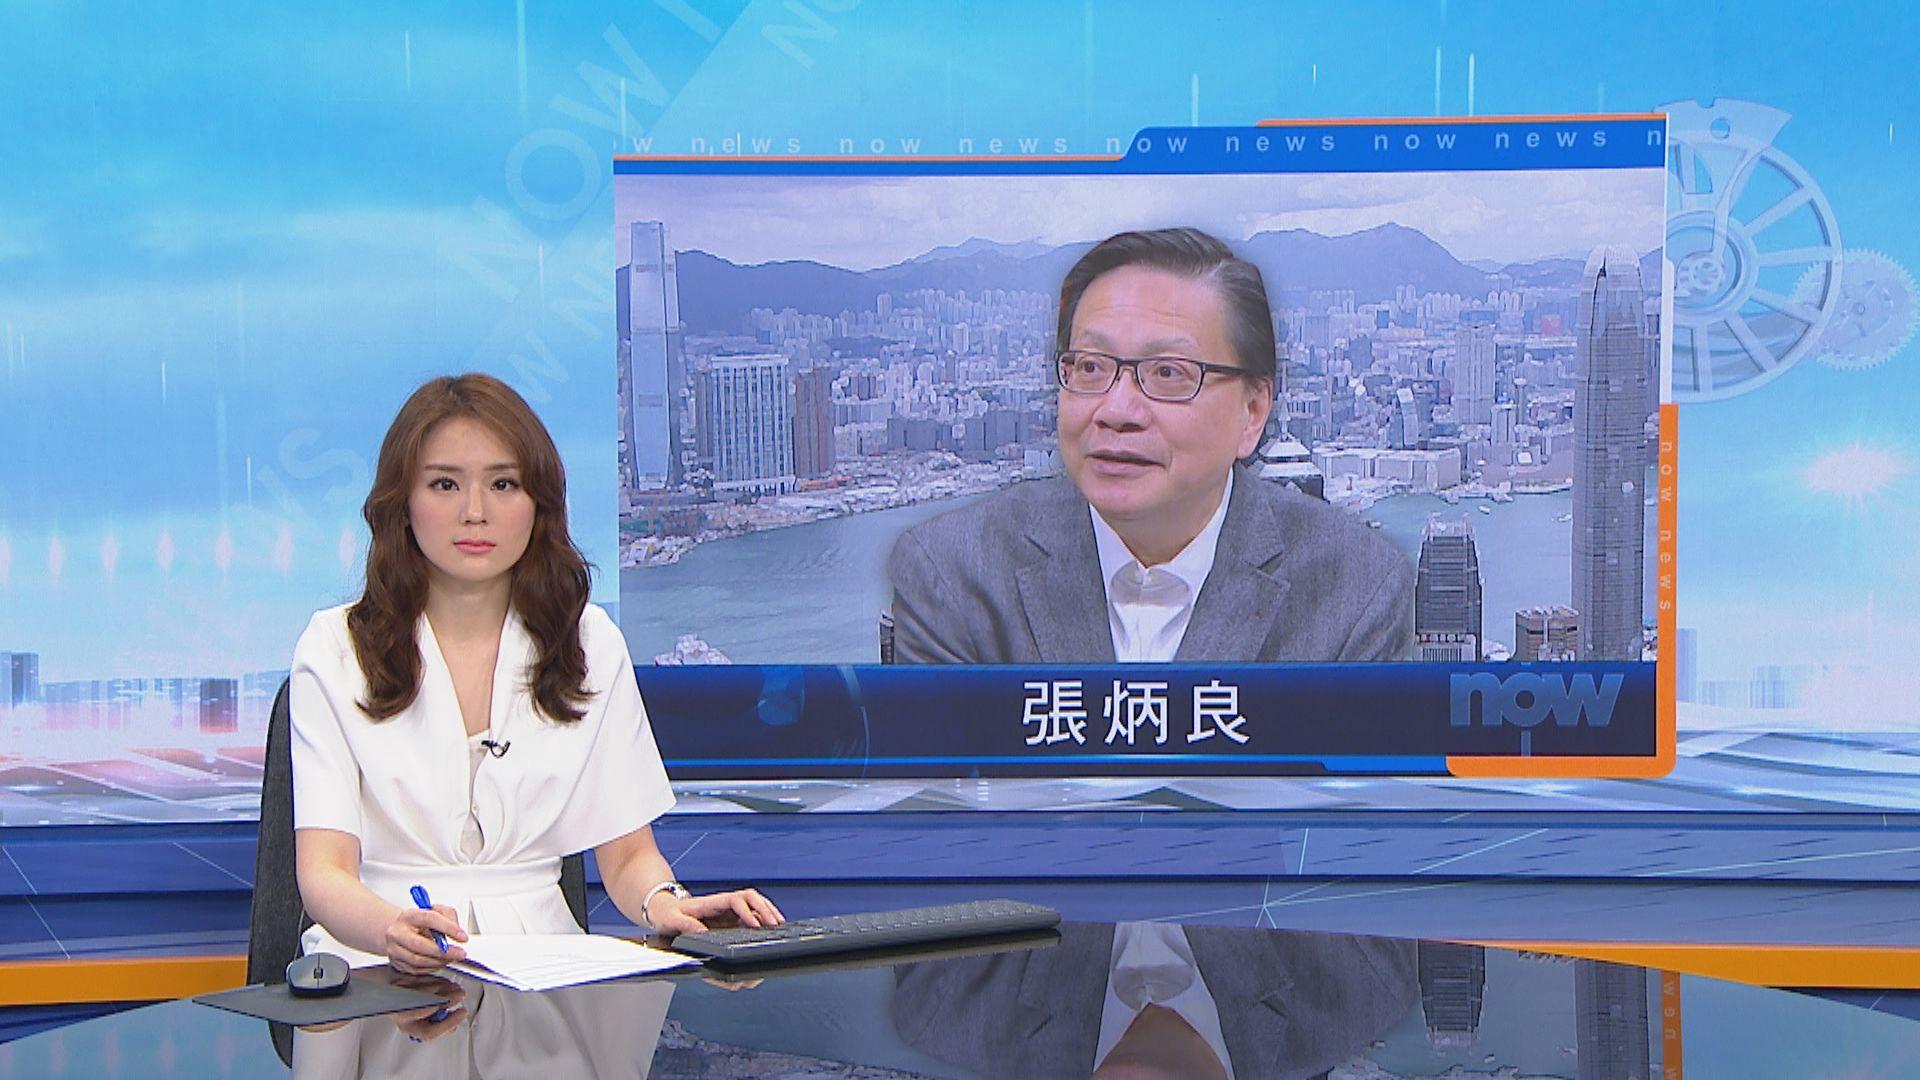 張炳良︰政府回應應更進取才能緩民怨